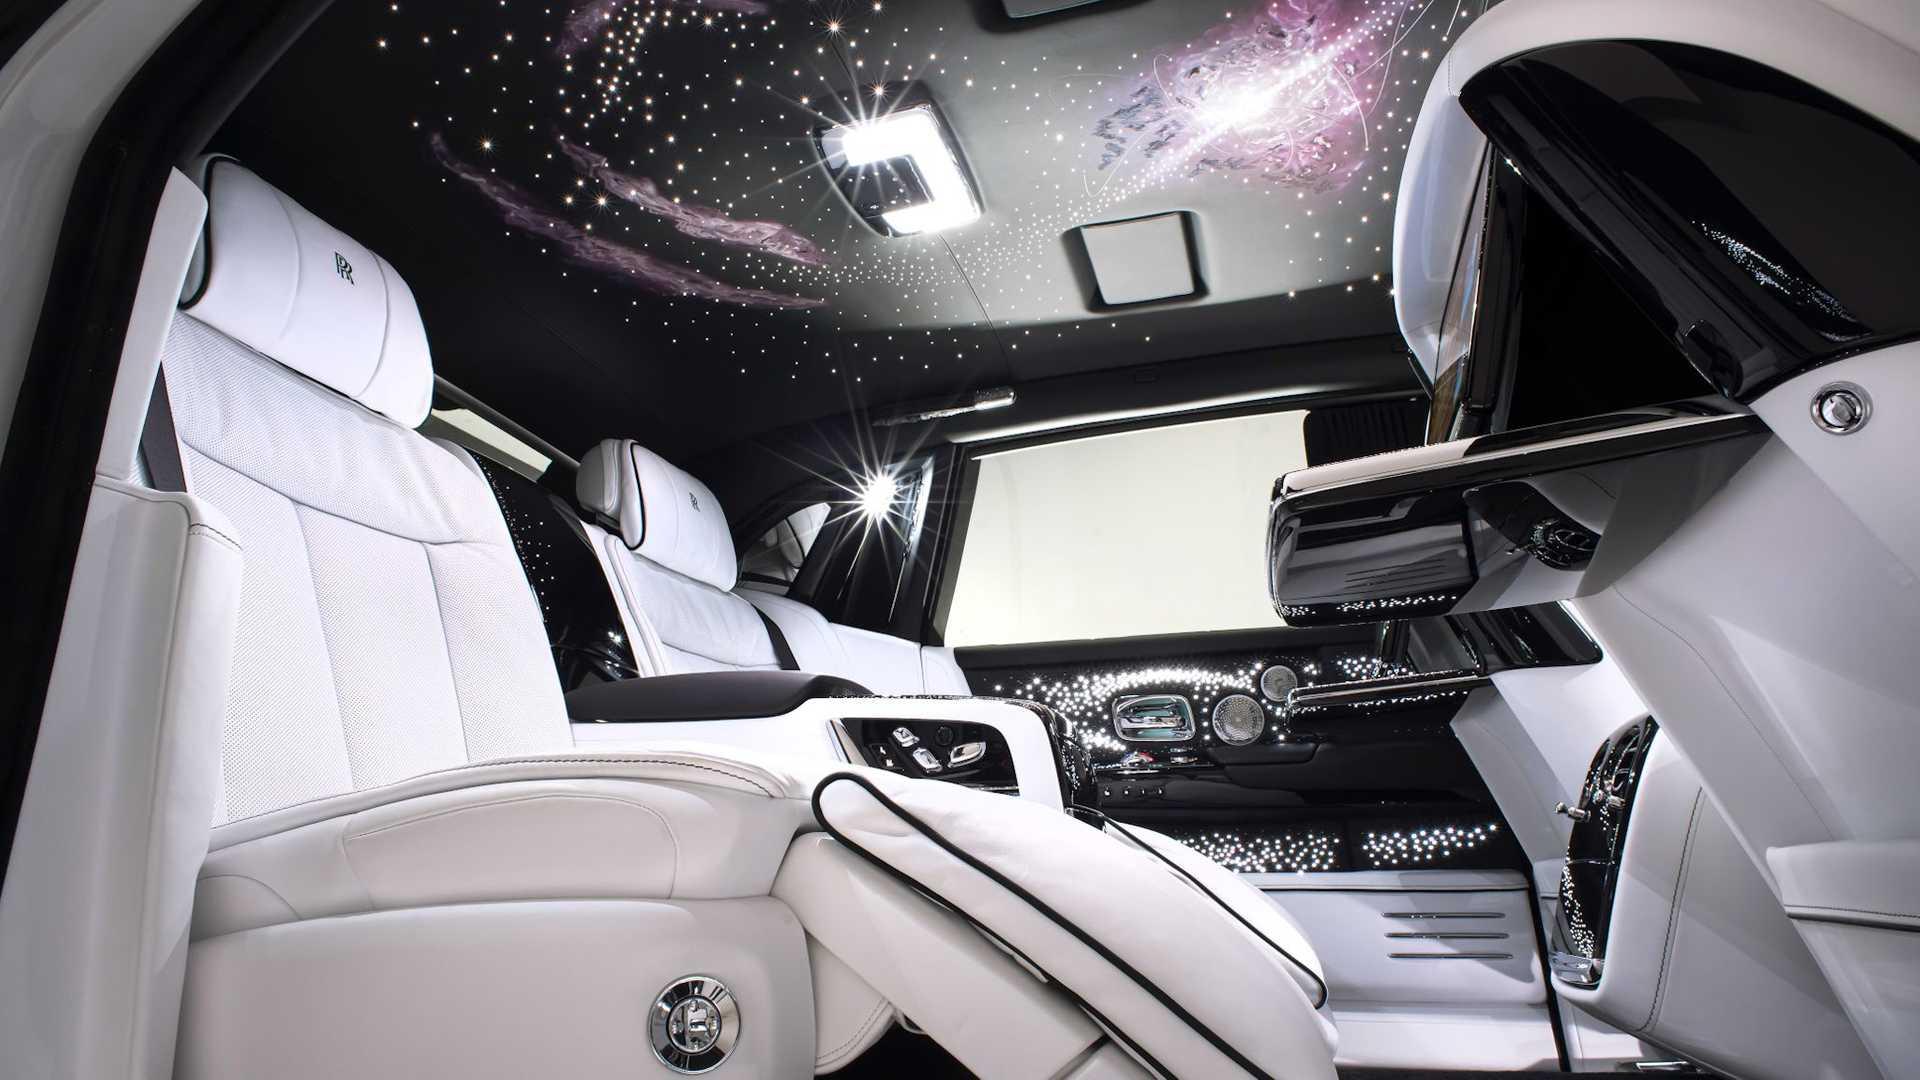 Bộ-đôi-Rolls-Royce-cá-nhân-hóa-kỷ-niệm-dịp-đặc-biệt-của-chủ-nhân (6).jpg